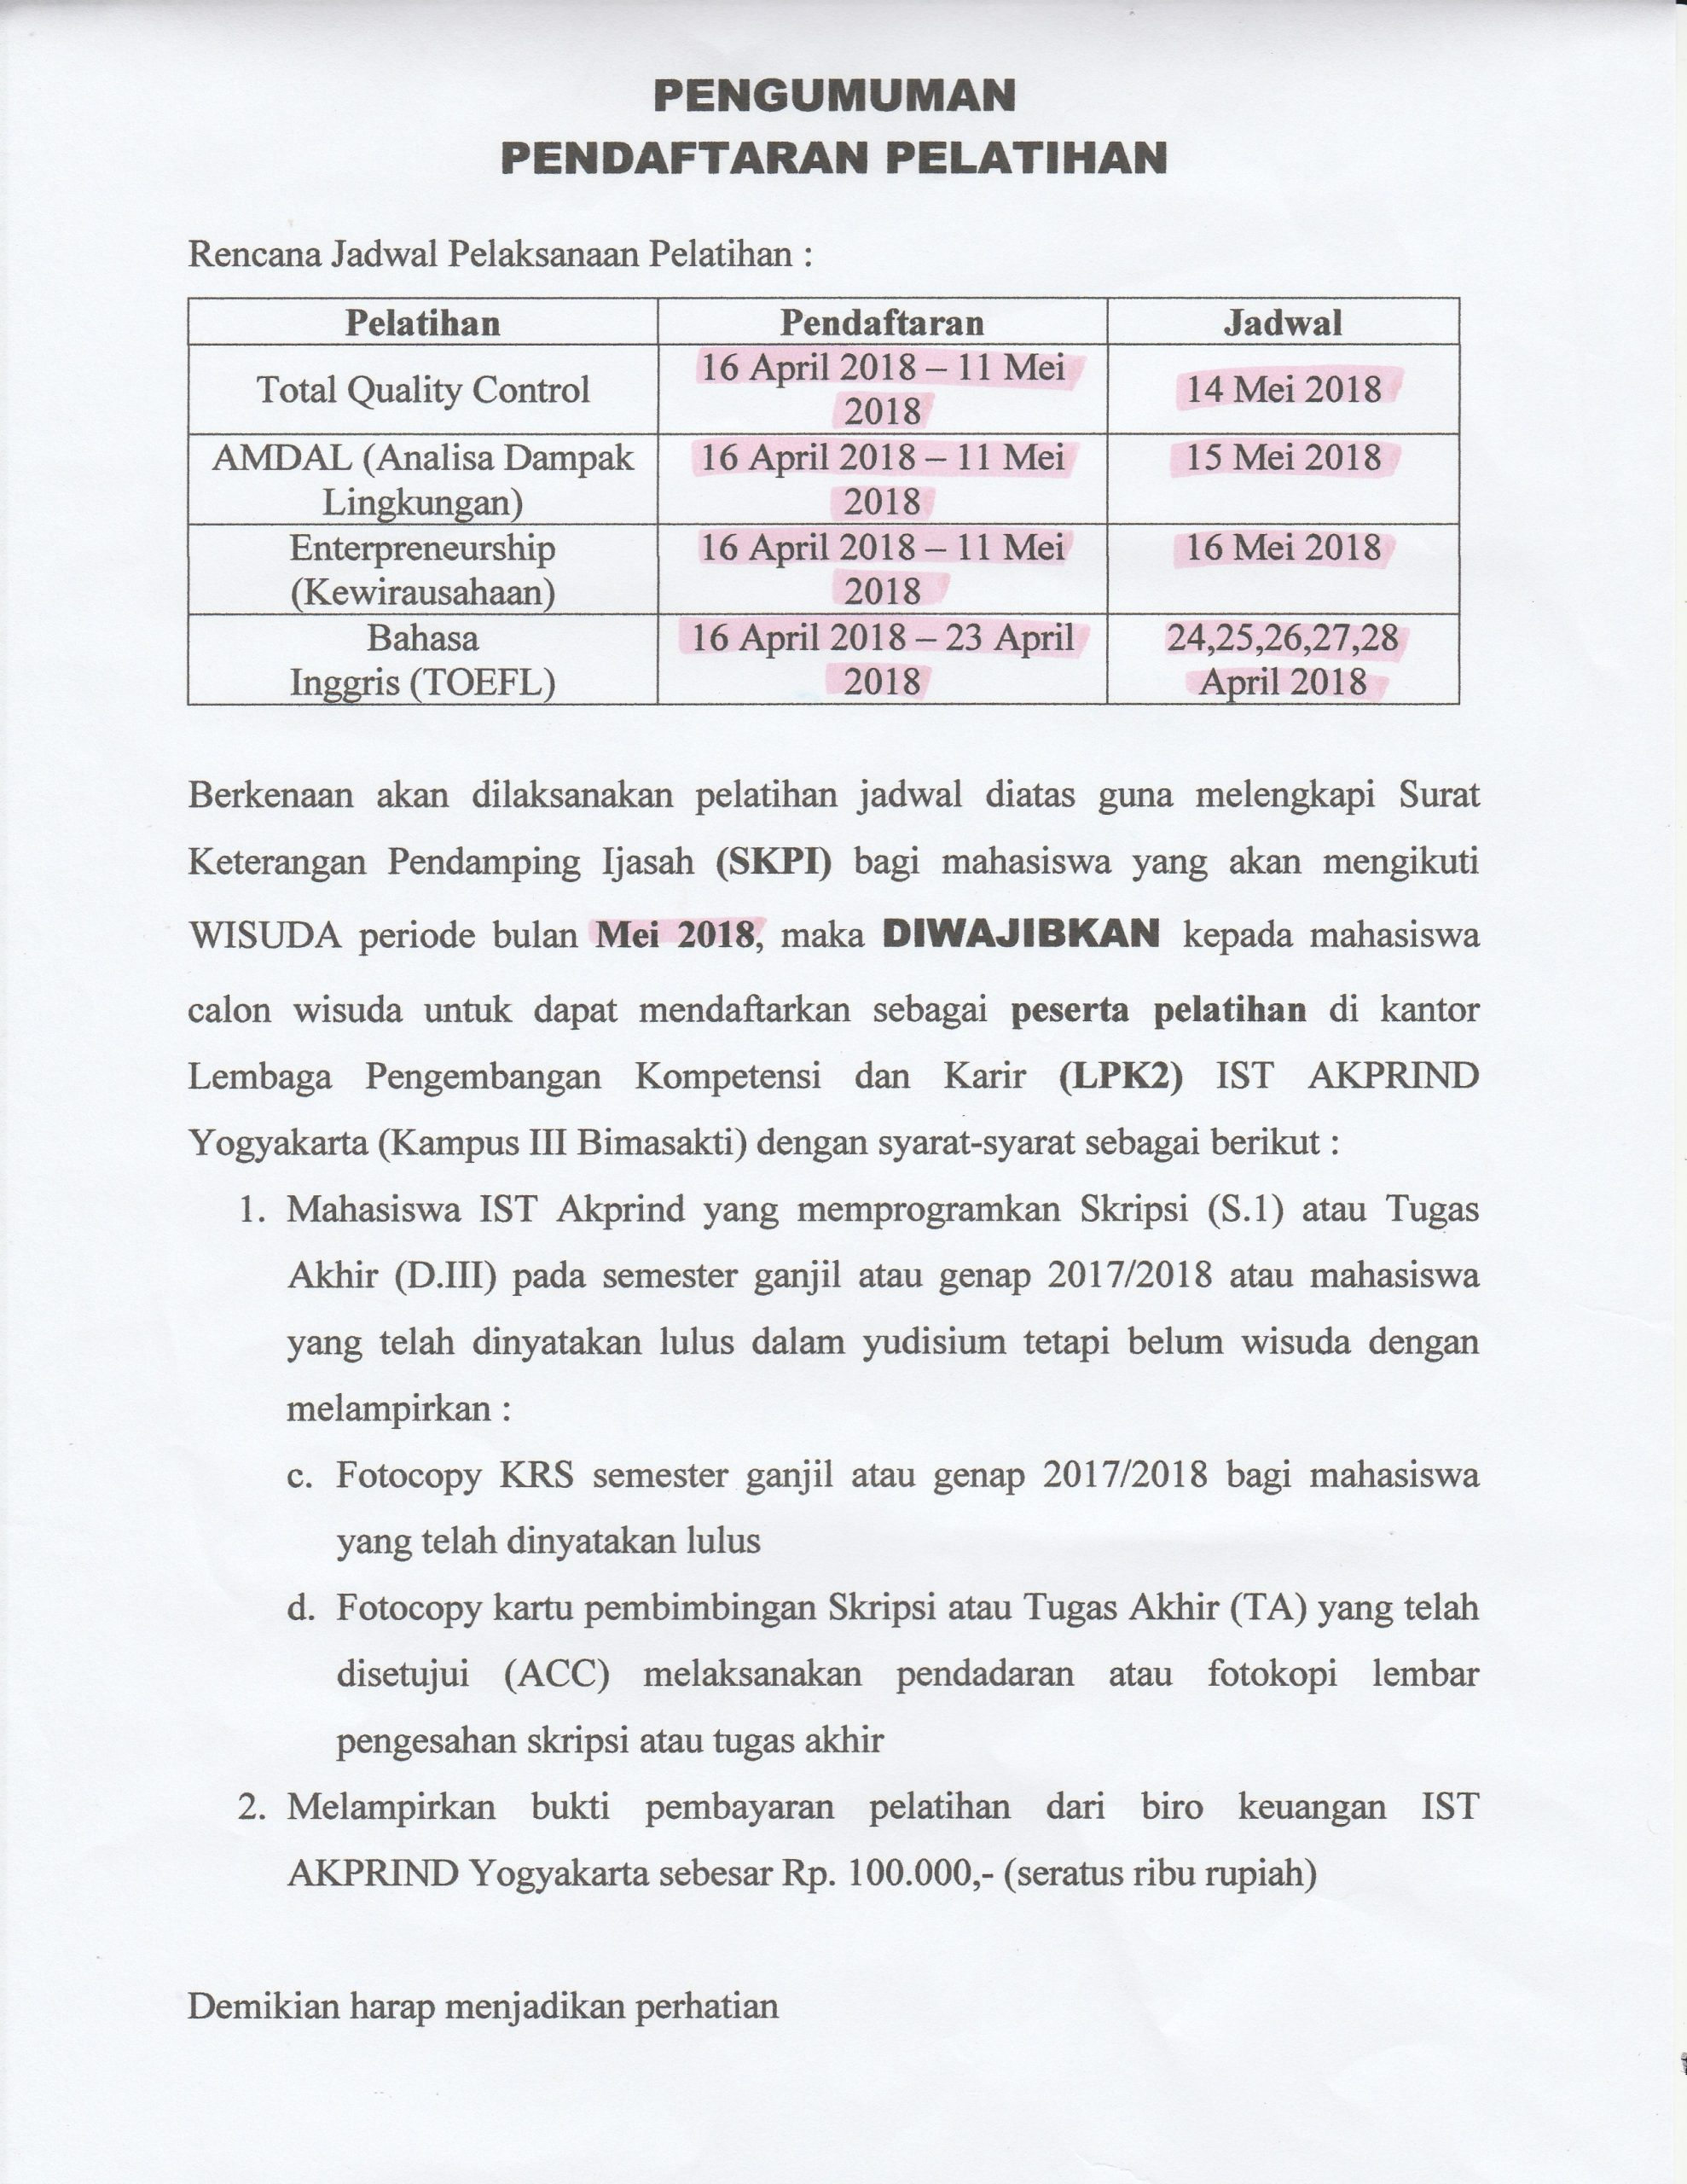 Pendaftaran Pelatihan SKPI Wisuda Mei 2018